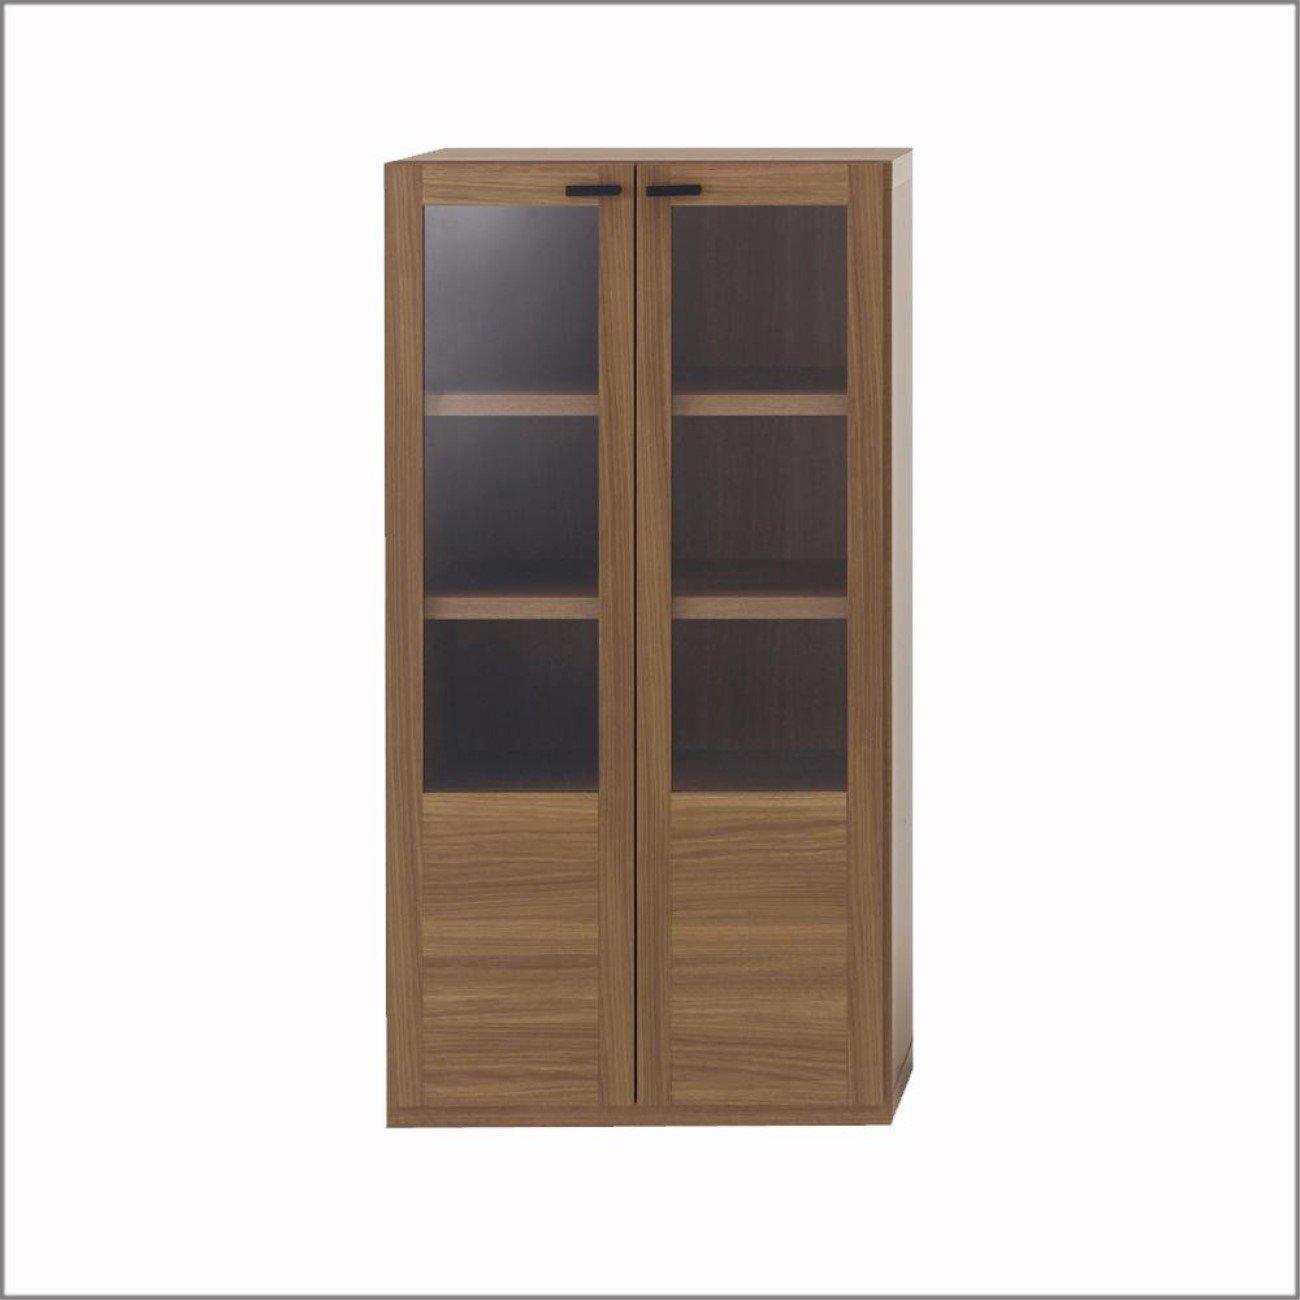 収納家具 棚 ガラス戸 リアルウォールナット柄 GFD-60 B06Y6B28TB